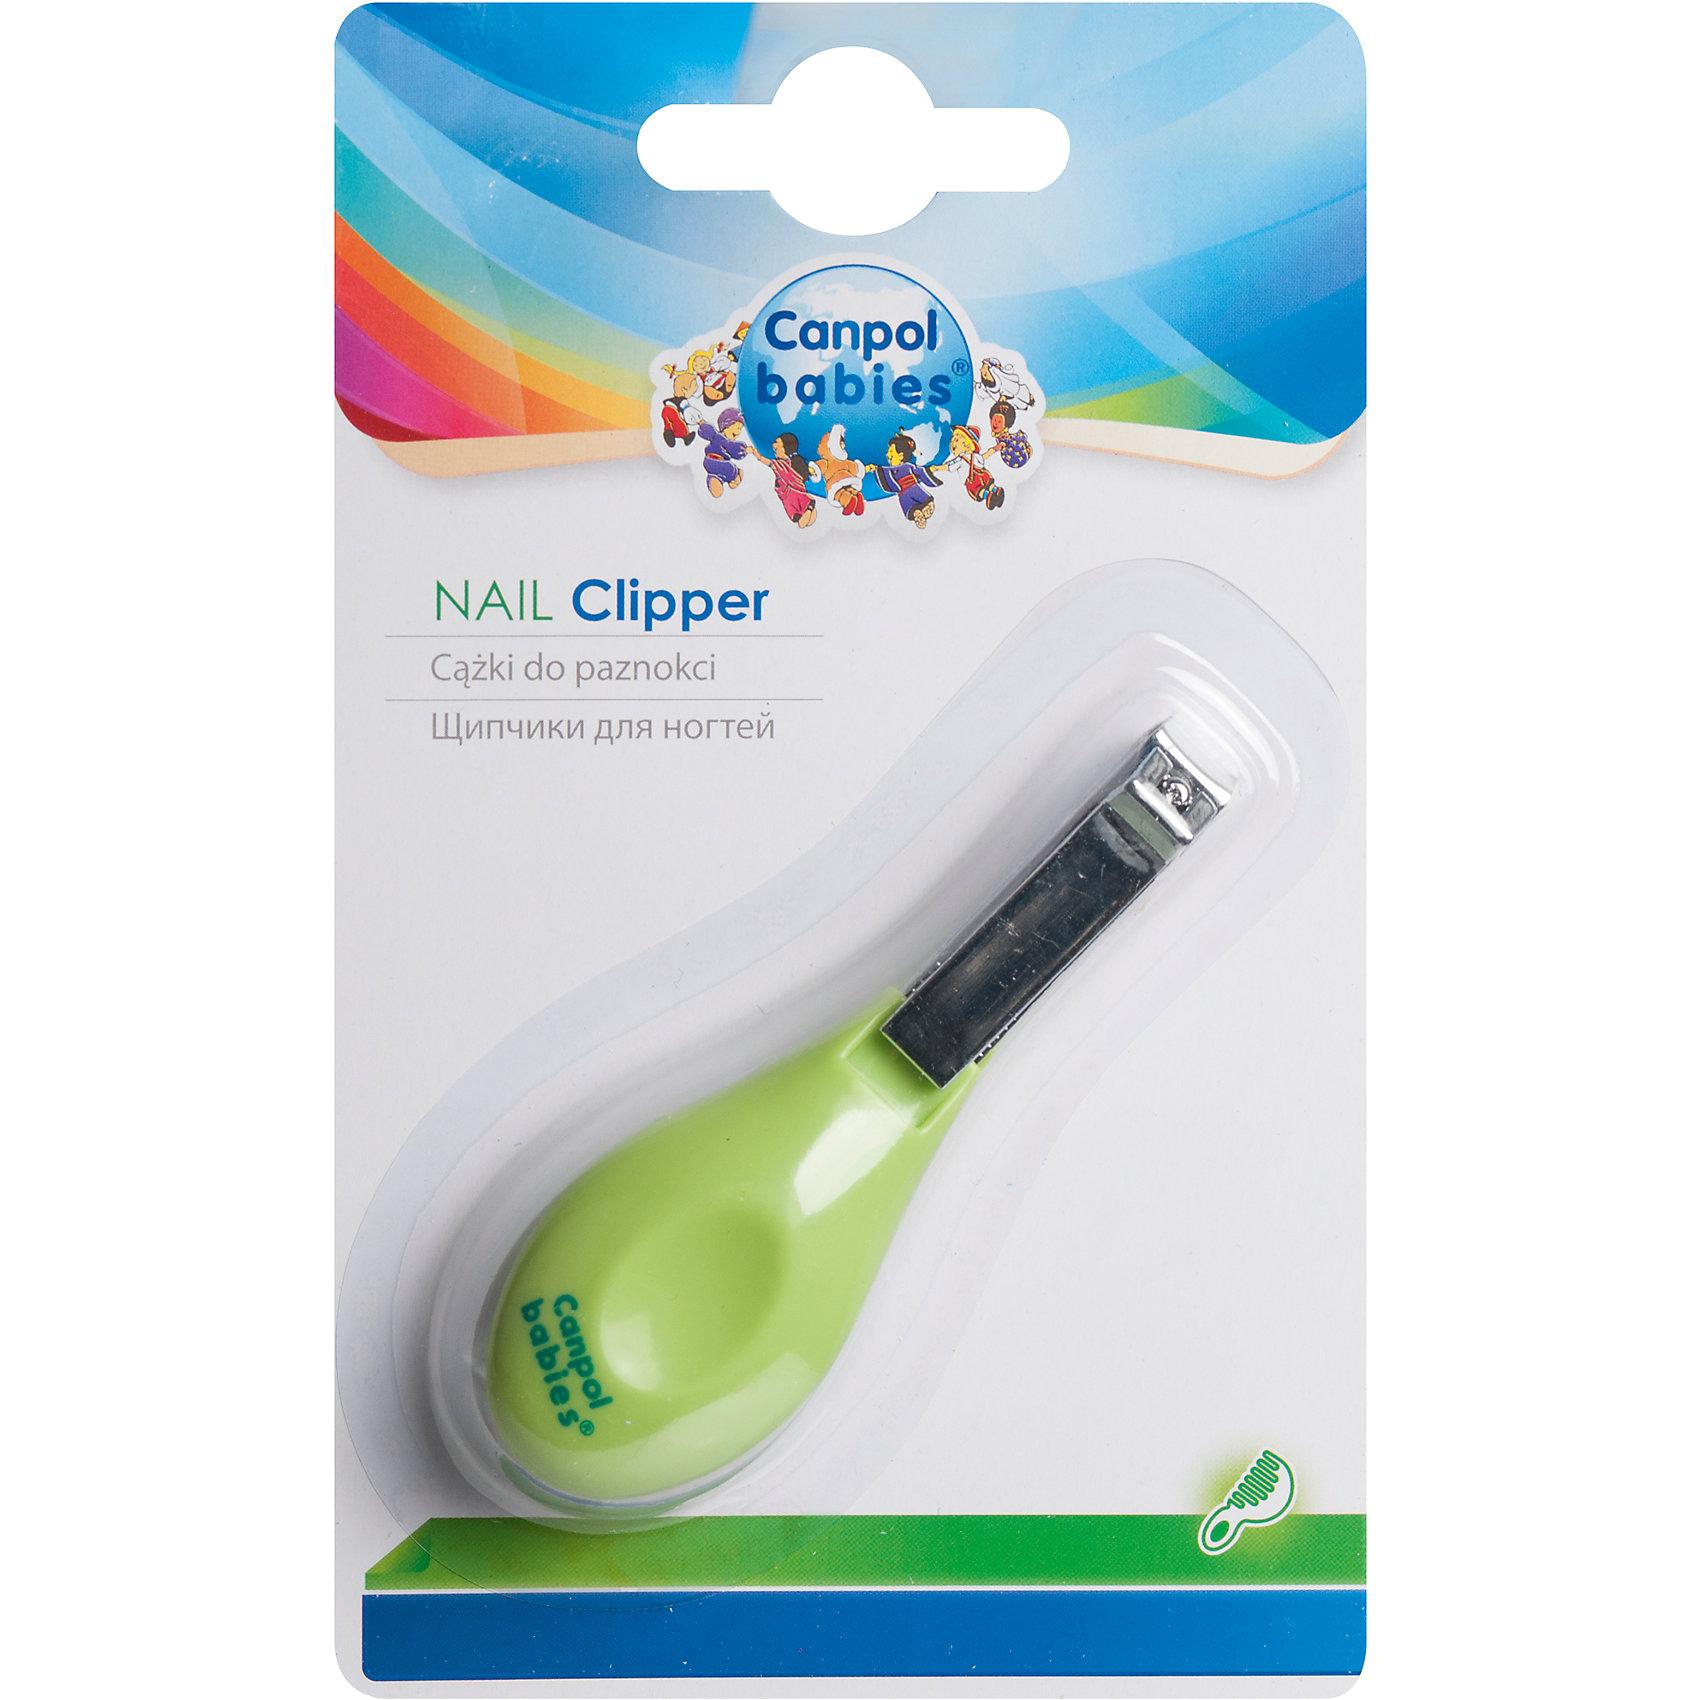 Щипчики для ногтей, 0+, Canpol Babies, салатовыйНожницы и щипчики<br>Щипчики для ногтей, 0+, Canpol Babies (Канпол Бейбис), салатовый<br>Характеристики:<br>• Материал: металл, пластик.<br>• Цвет: салатовый.<br>• Размер: 8,5х2,5x1 см.<br>• Размер упаковки: 9,5х15 см.<br><br>Щипчики для ногтей, 0+, Canpol Babies  (Канпол Бейбис),  помогут заботливой маме бережно ухаживать за крохотными пальчиками рук и ног. Они обеспечивают быстрый, безопасный уход за ногтями малыша. Благодаря эргономичной ручке их удобно держать и использовать.<br><br>Щипчики для ногтей, 0+, Canpol Babies (Канпол Бейбис), салатовый, можно купить в нашем интернет – магазине.<br><br>Ширина мм: 95<br>Глубина мм: 15<br>Высота мм: 155<br>Вес г: 180<br>Возраст от месяцев: 0<br>Возраст до месяцев: 18<br>Пол: Унисекс<br>Возраст: Детский<br>SKU: 5156754